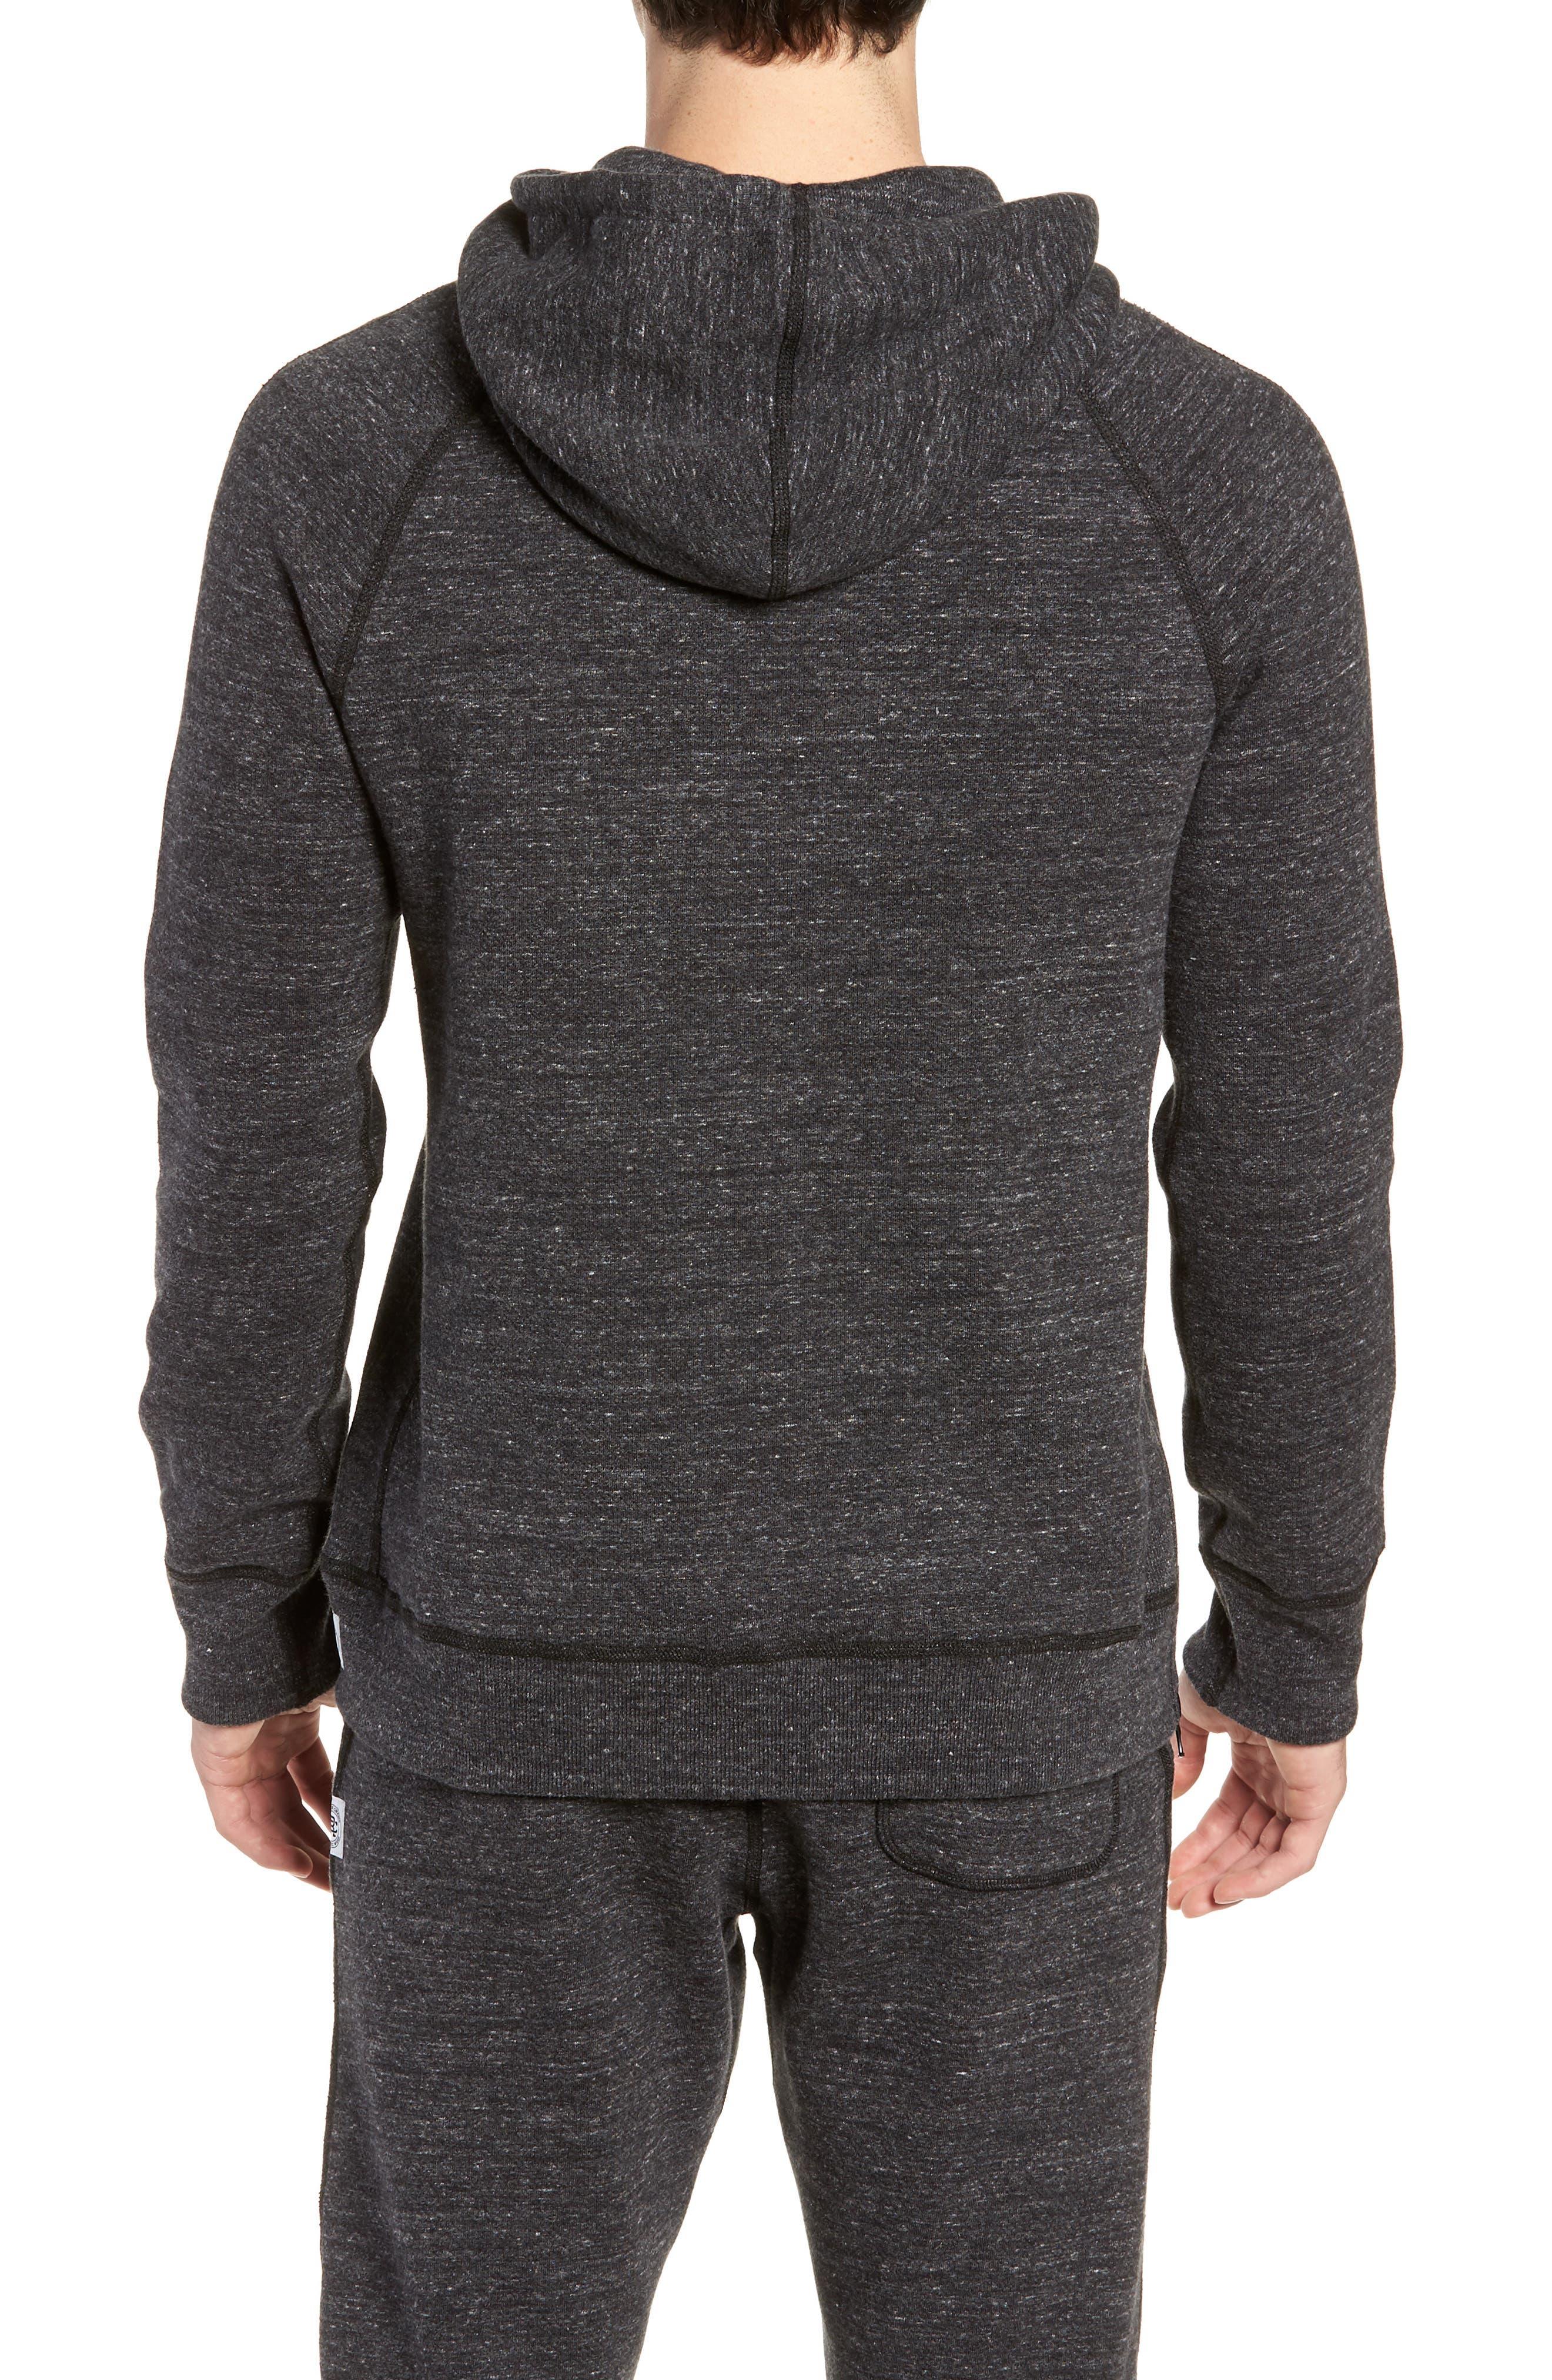 Trim Fit Side Zip Hooded Sweatshirt,                             Alternate thumbnail 2, color,                             020